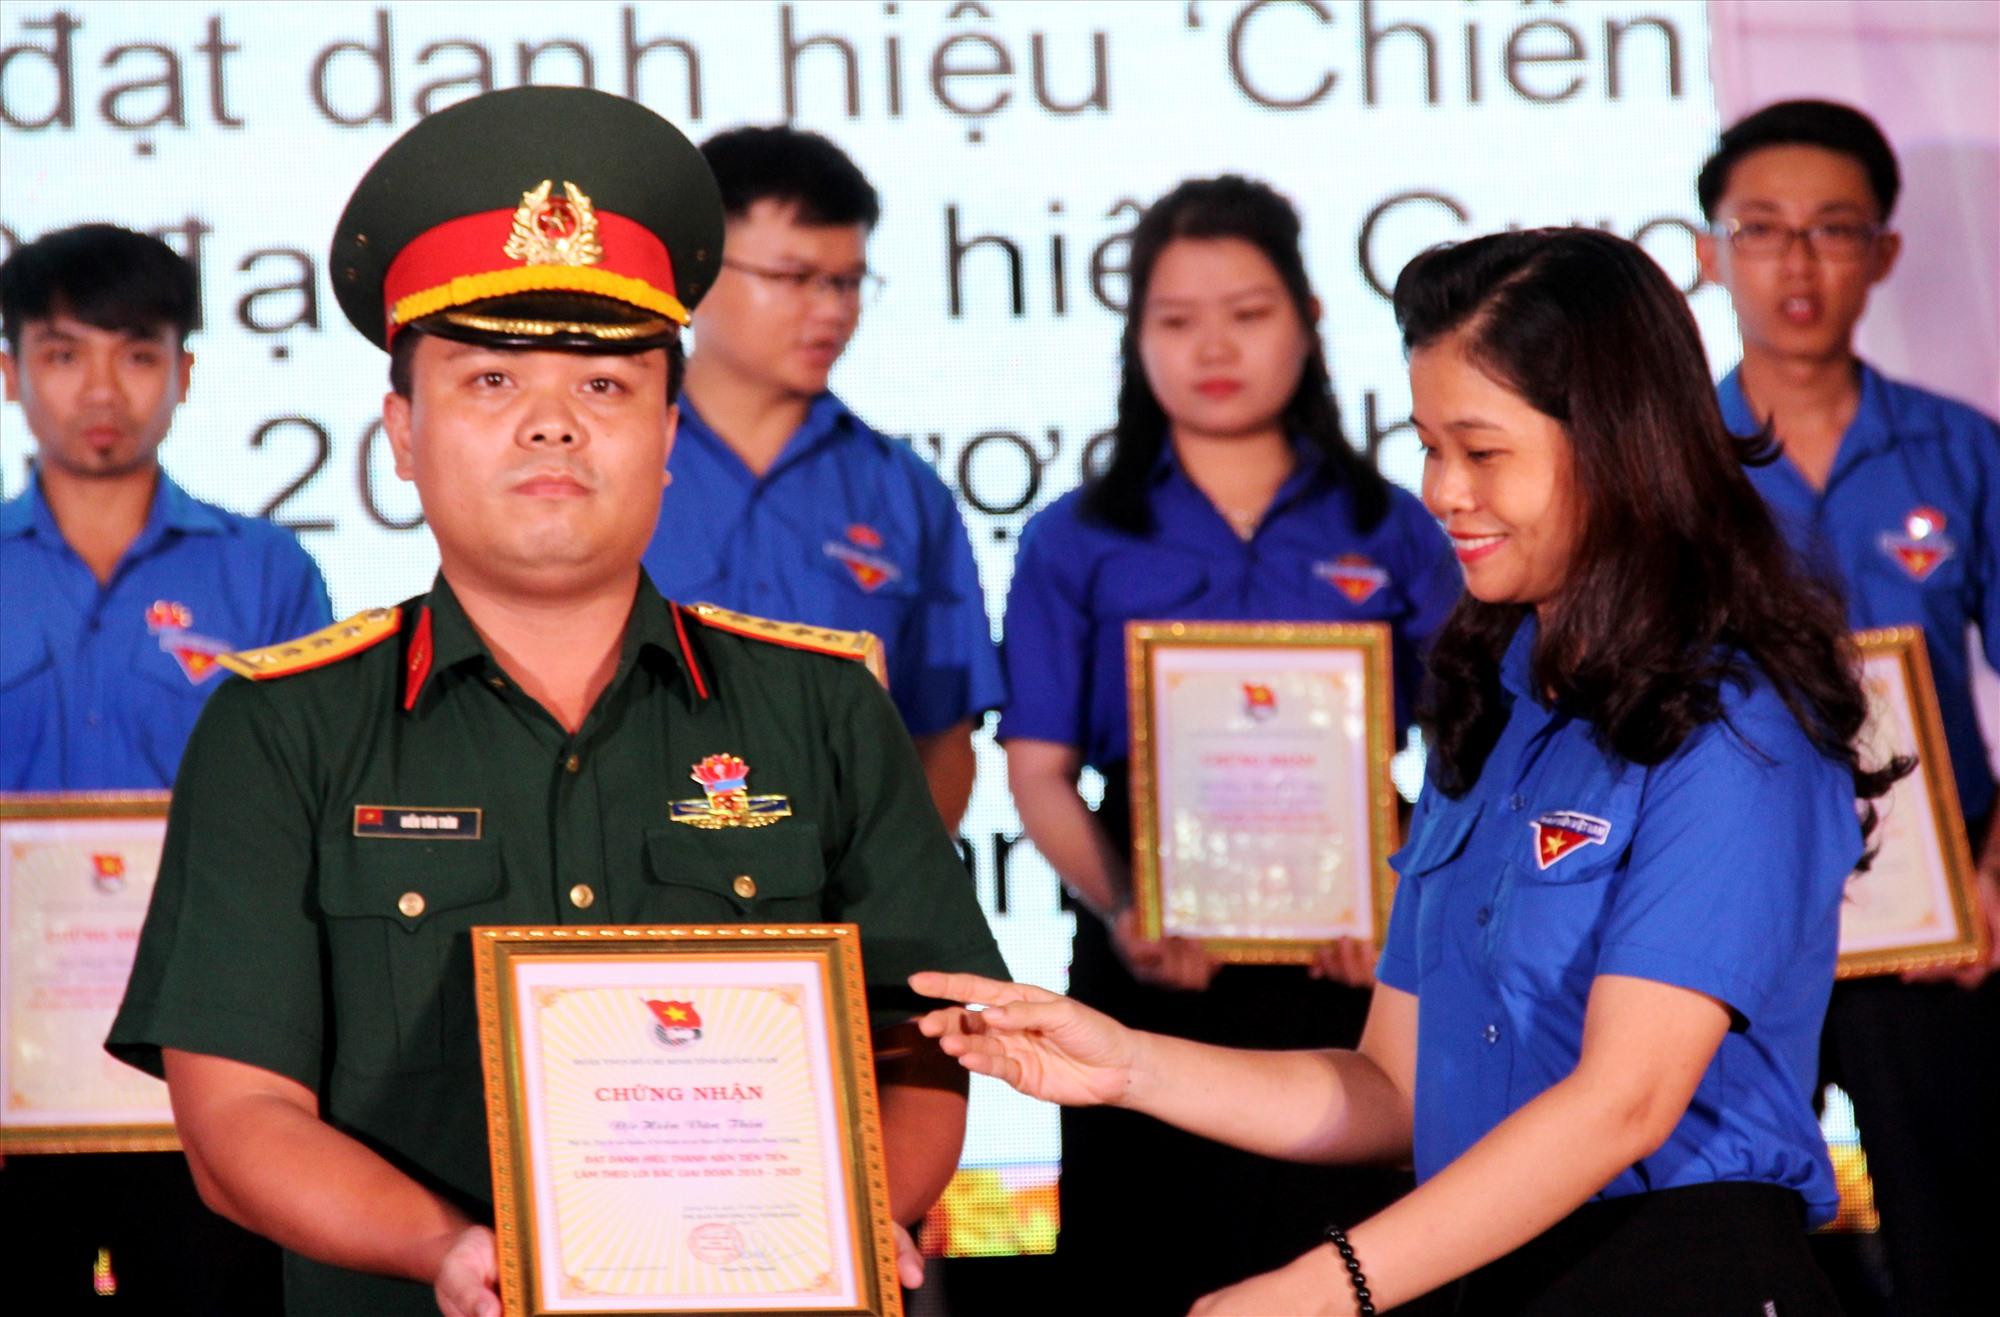 """Đại úy Hiền Văn Thìn nhận chứng nhận tại lễ tuyên dương """"Thanh niên tiên tiến làm theo lời Bác"""" năm 2020 do Tỉnh đoàn tổ chức. Ảnh: ALĂNG NGƯỚC"""